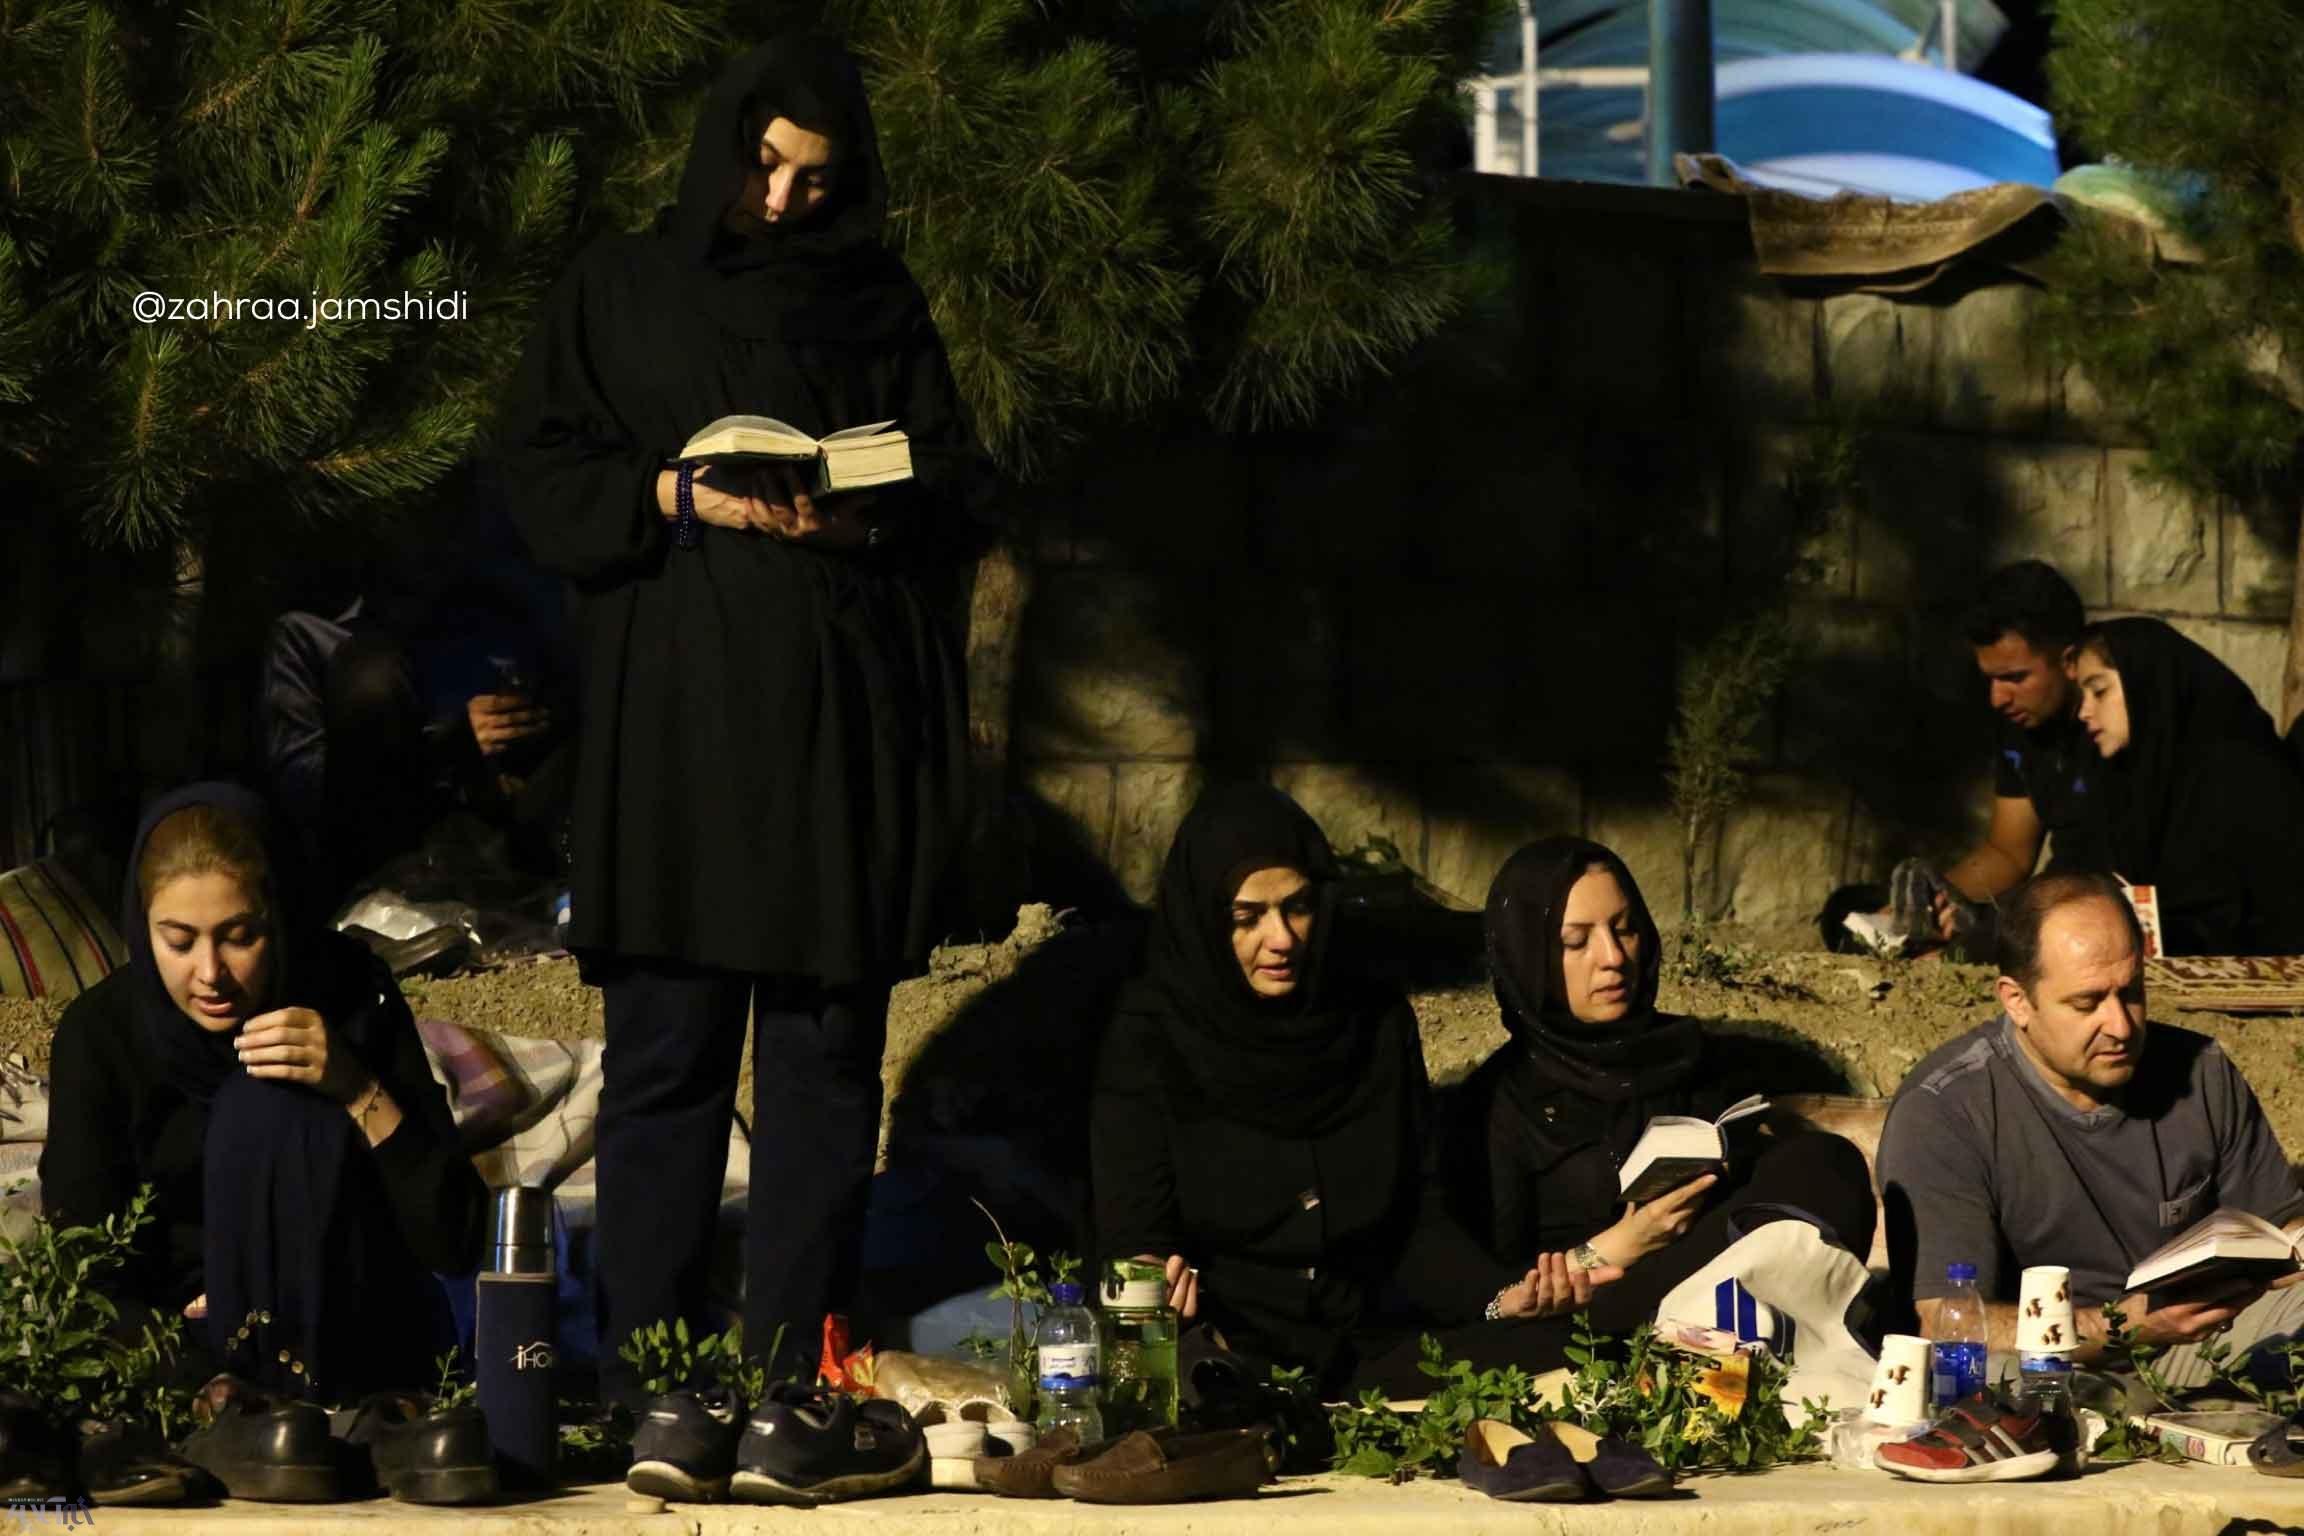 تصاویر | احیاء شب بیست و یکم در کنار شهدای گمنام کوهسار شهران